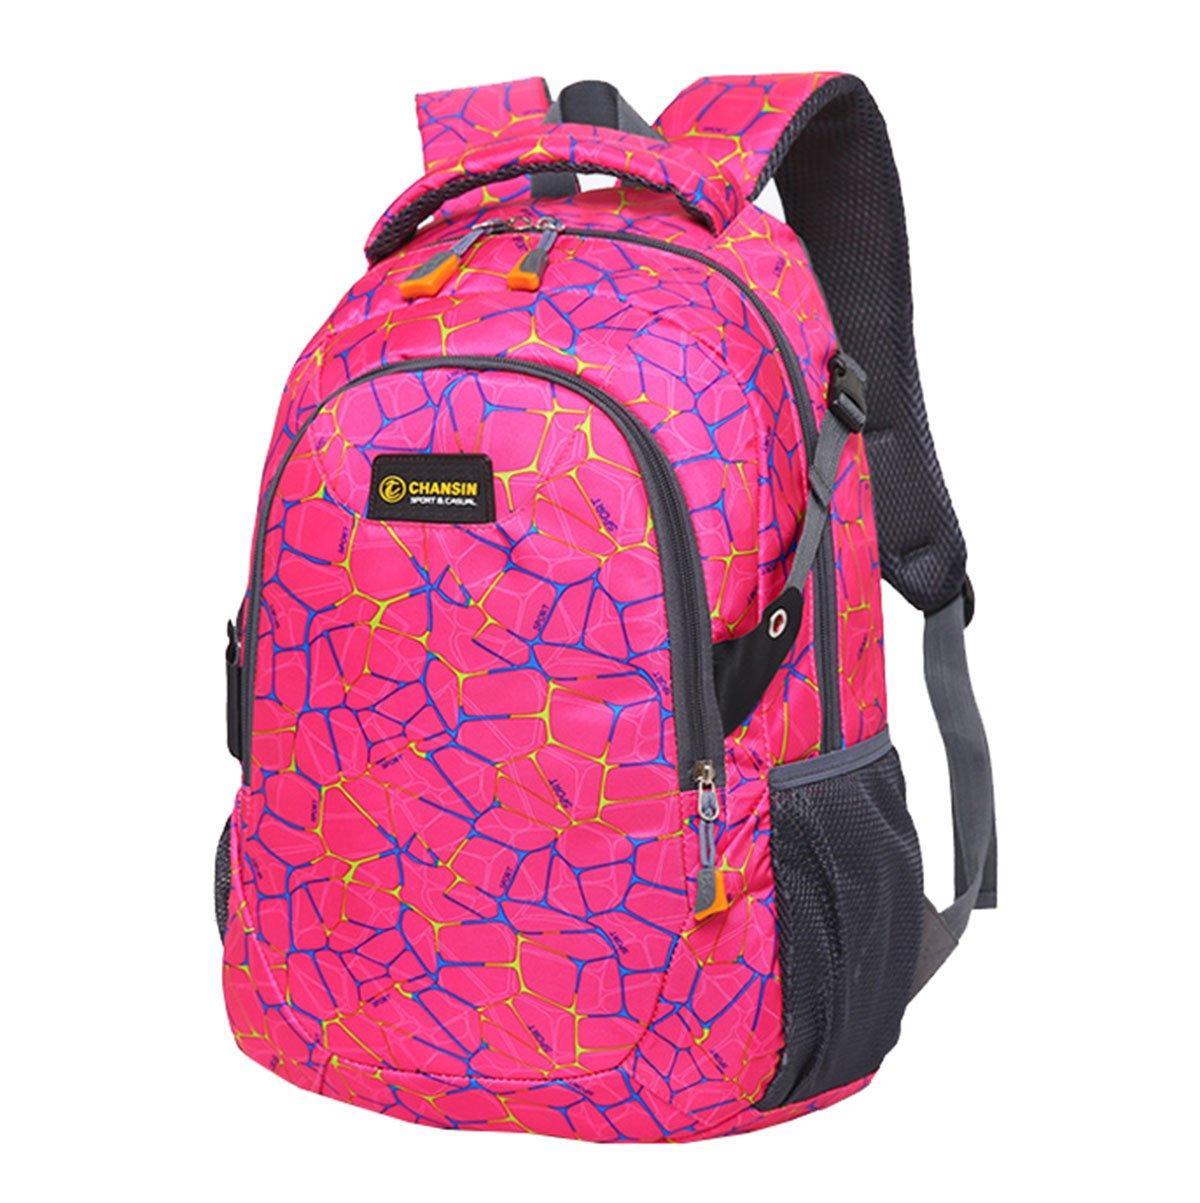 mochila escolar mochila portátil mochila bolsa de viaje para hombre: Amazon.es: Deportes y aire libre